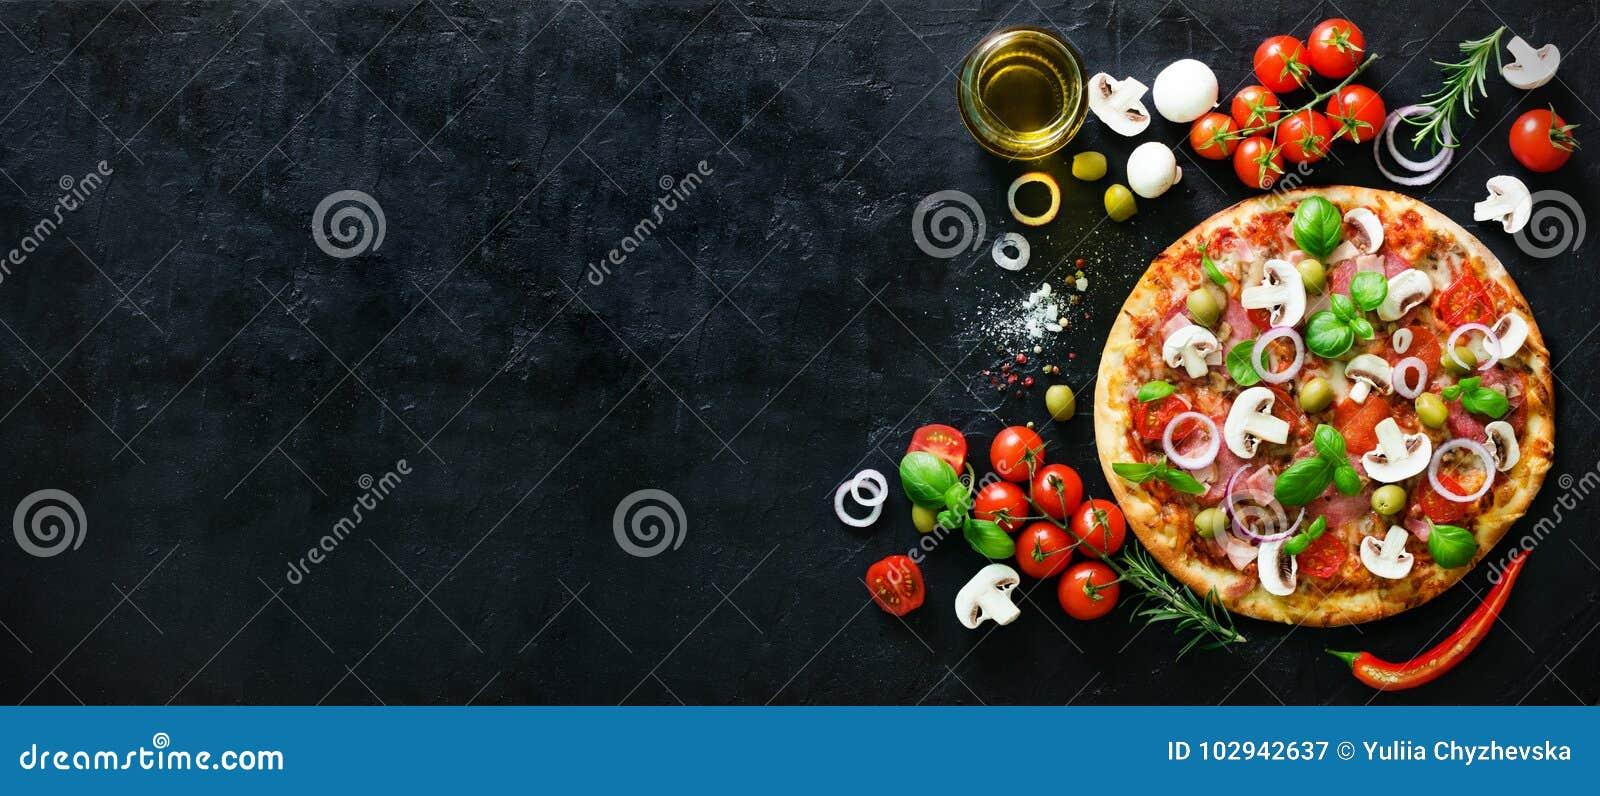 Matingredienser och kryddor för att laga mat champinjoner, tomater, ost, löken, olja, peppar, salt, basilika, oliv och